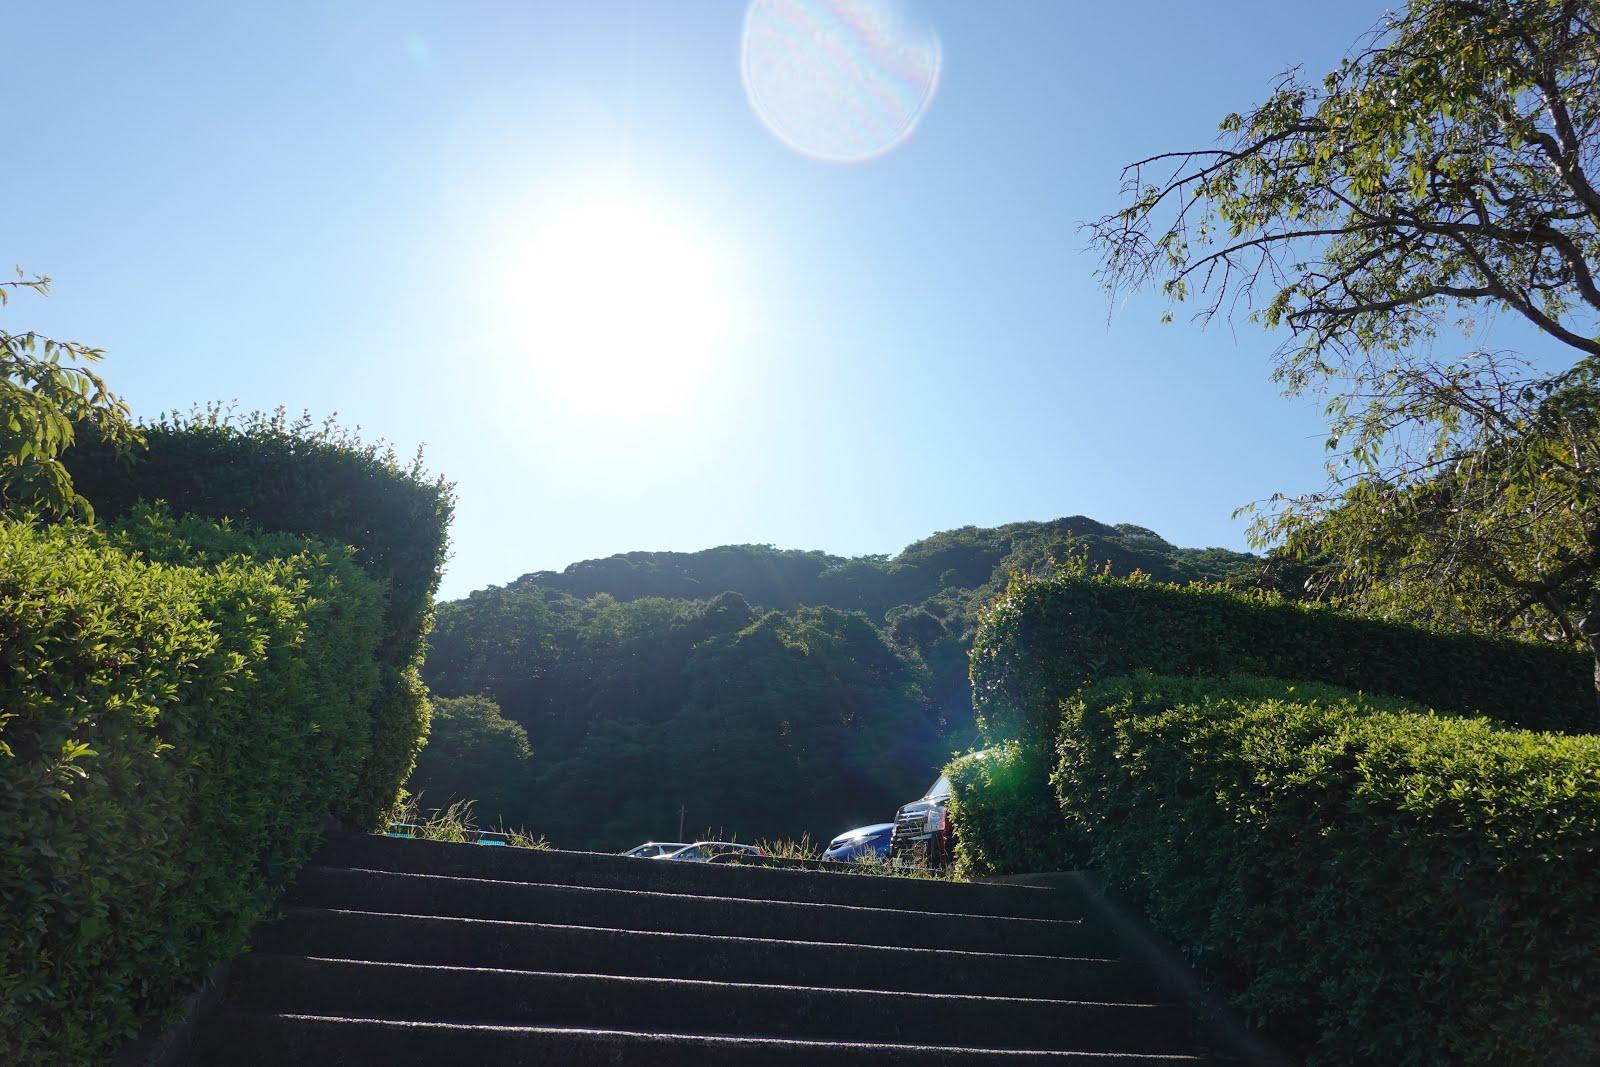 今日の散歩道フォトライブラリー: 2020 08 29 湊山公園